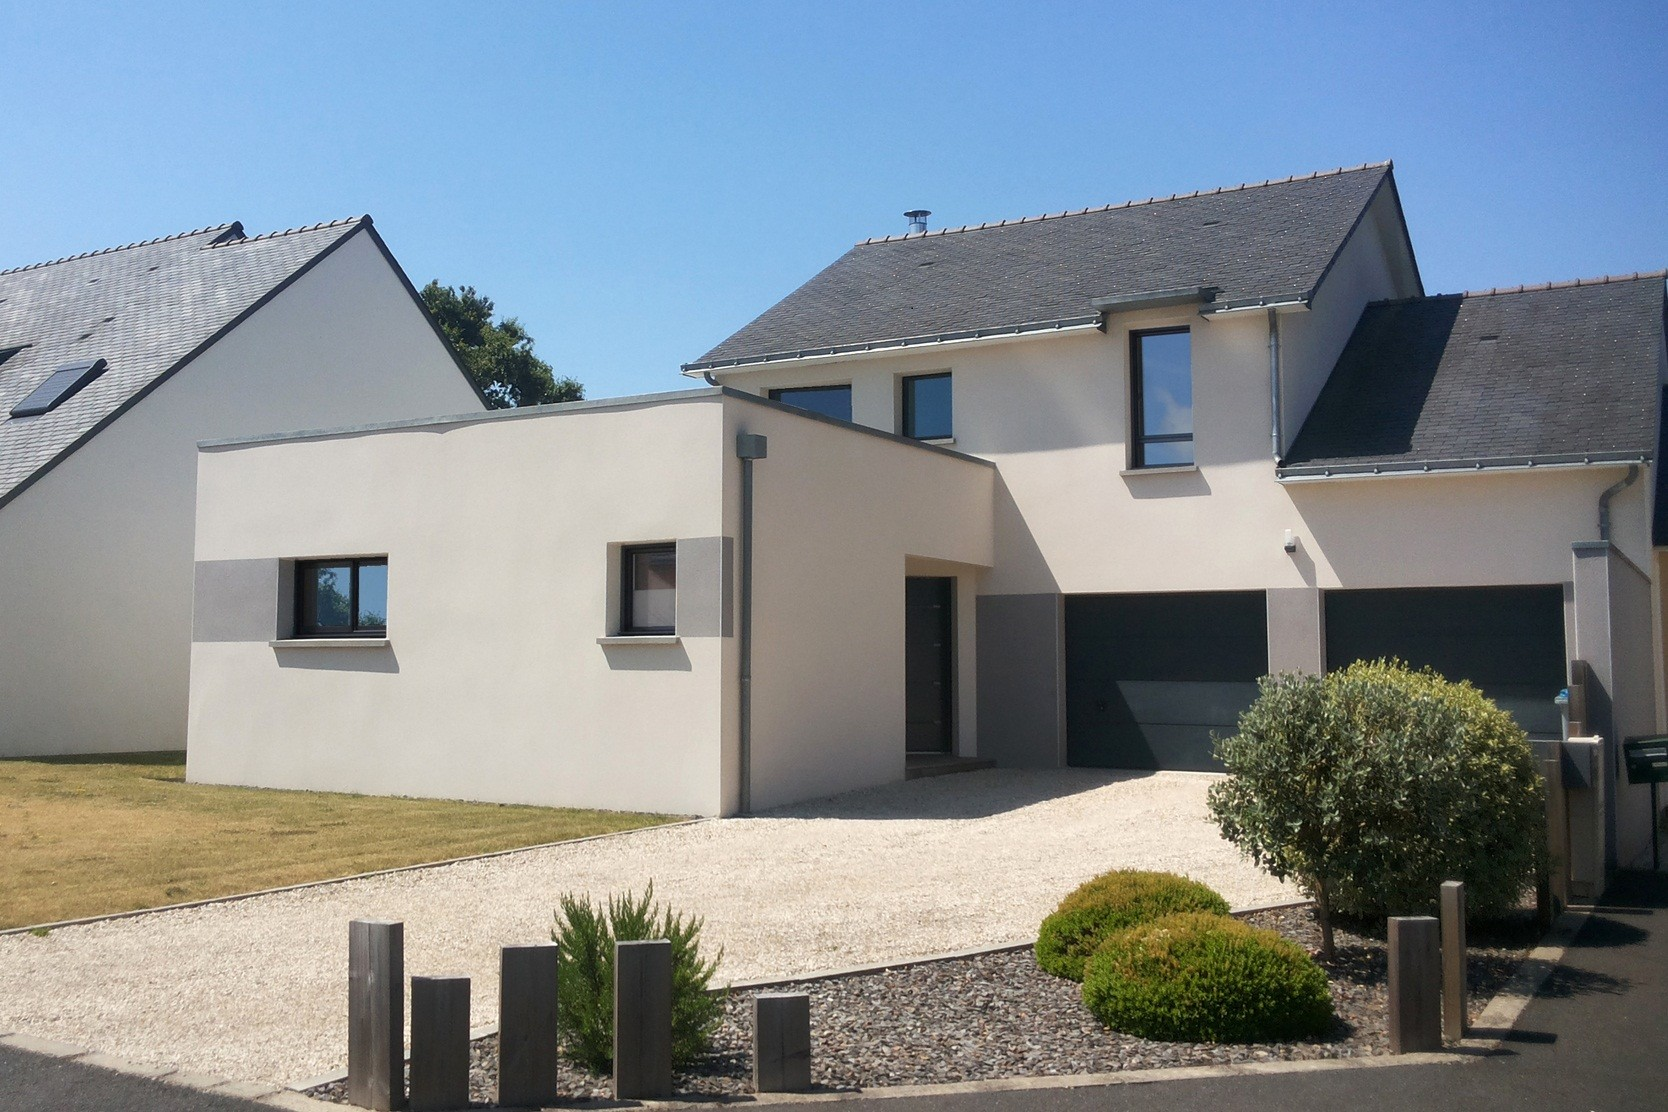 Maisons + Terrains du constructeur MAISON FAMILIALE RENNES • 130 m² • GUIGNEN